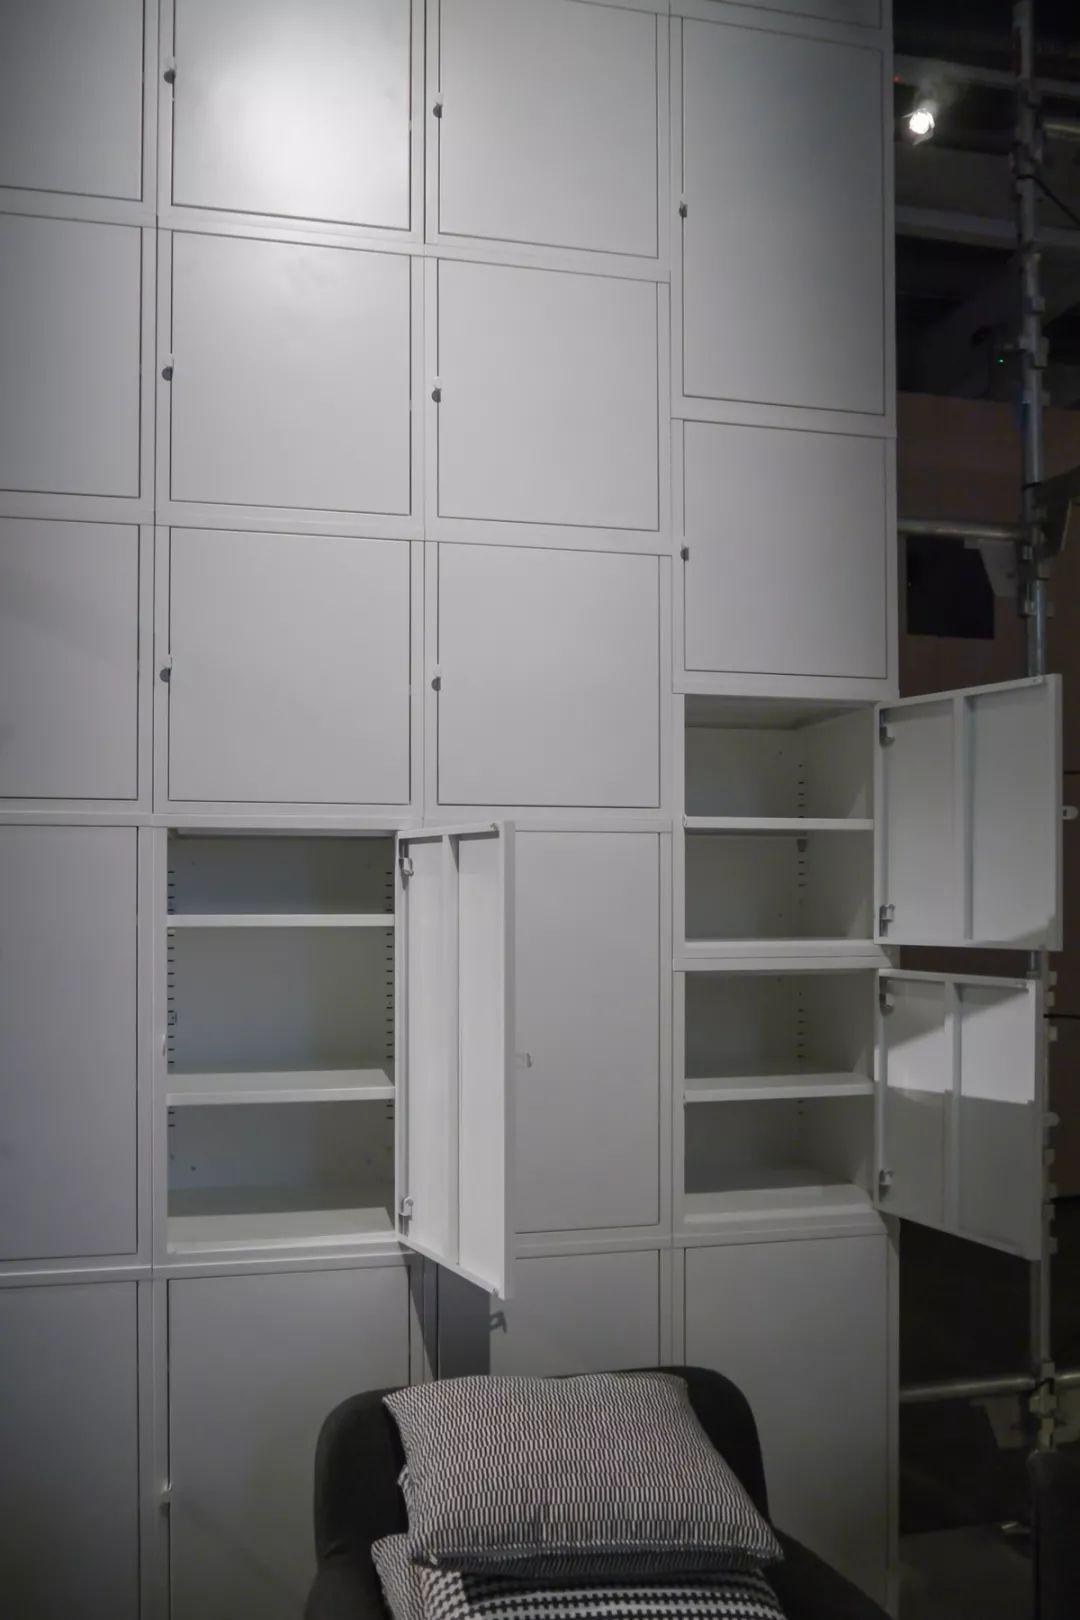 白色柜子贴图素材